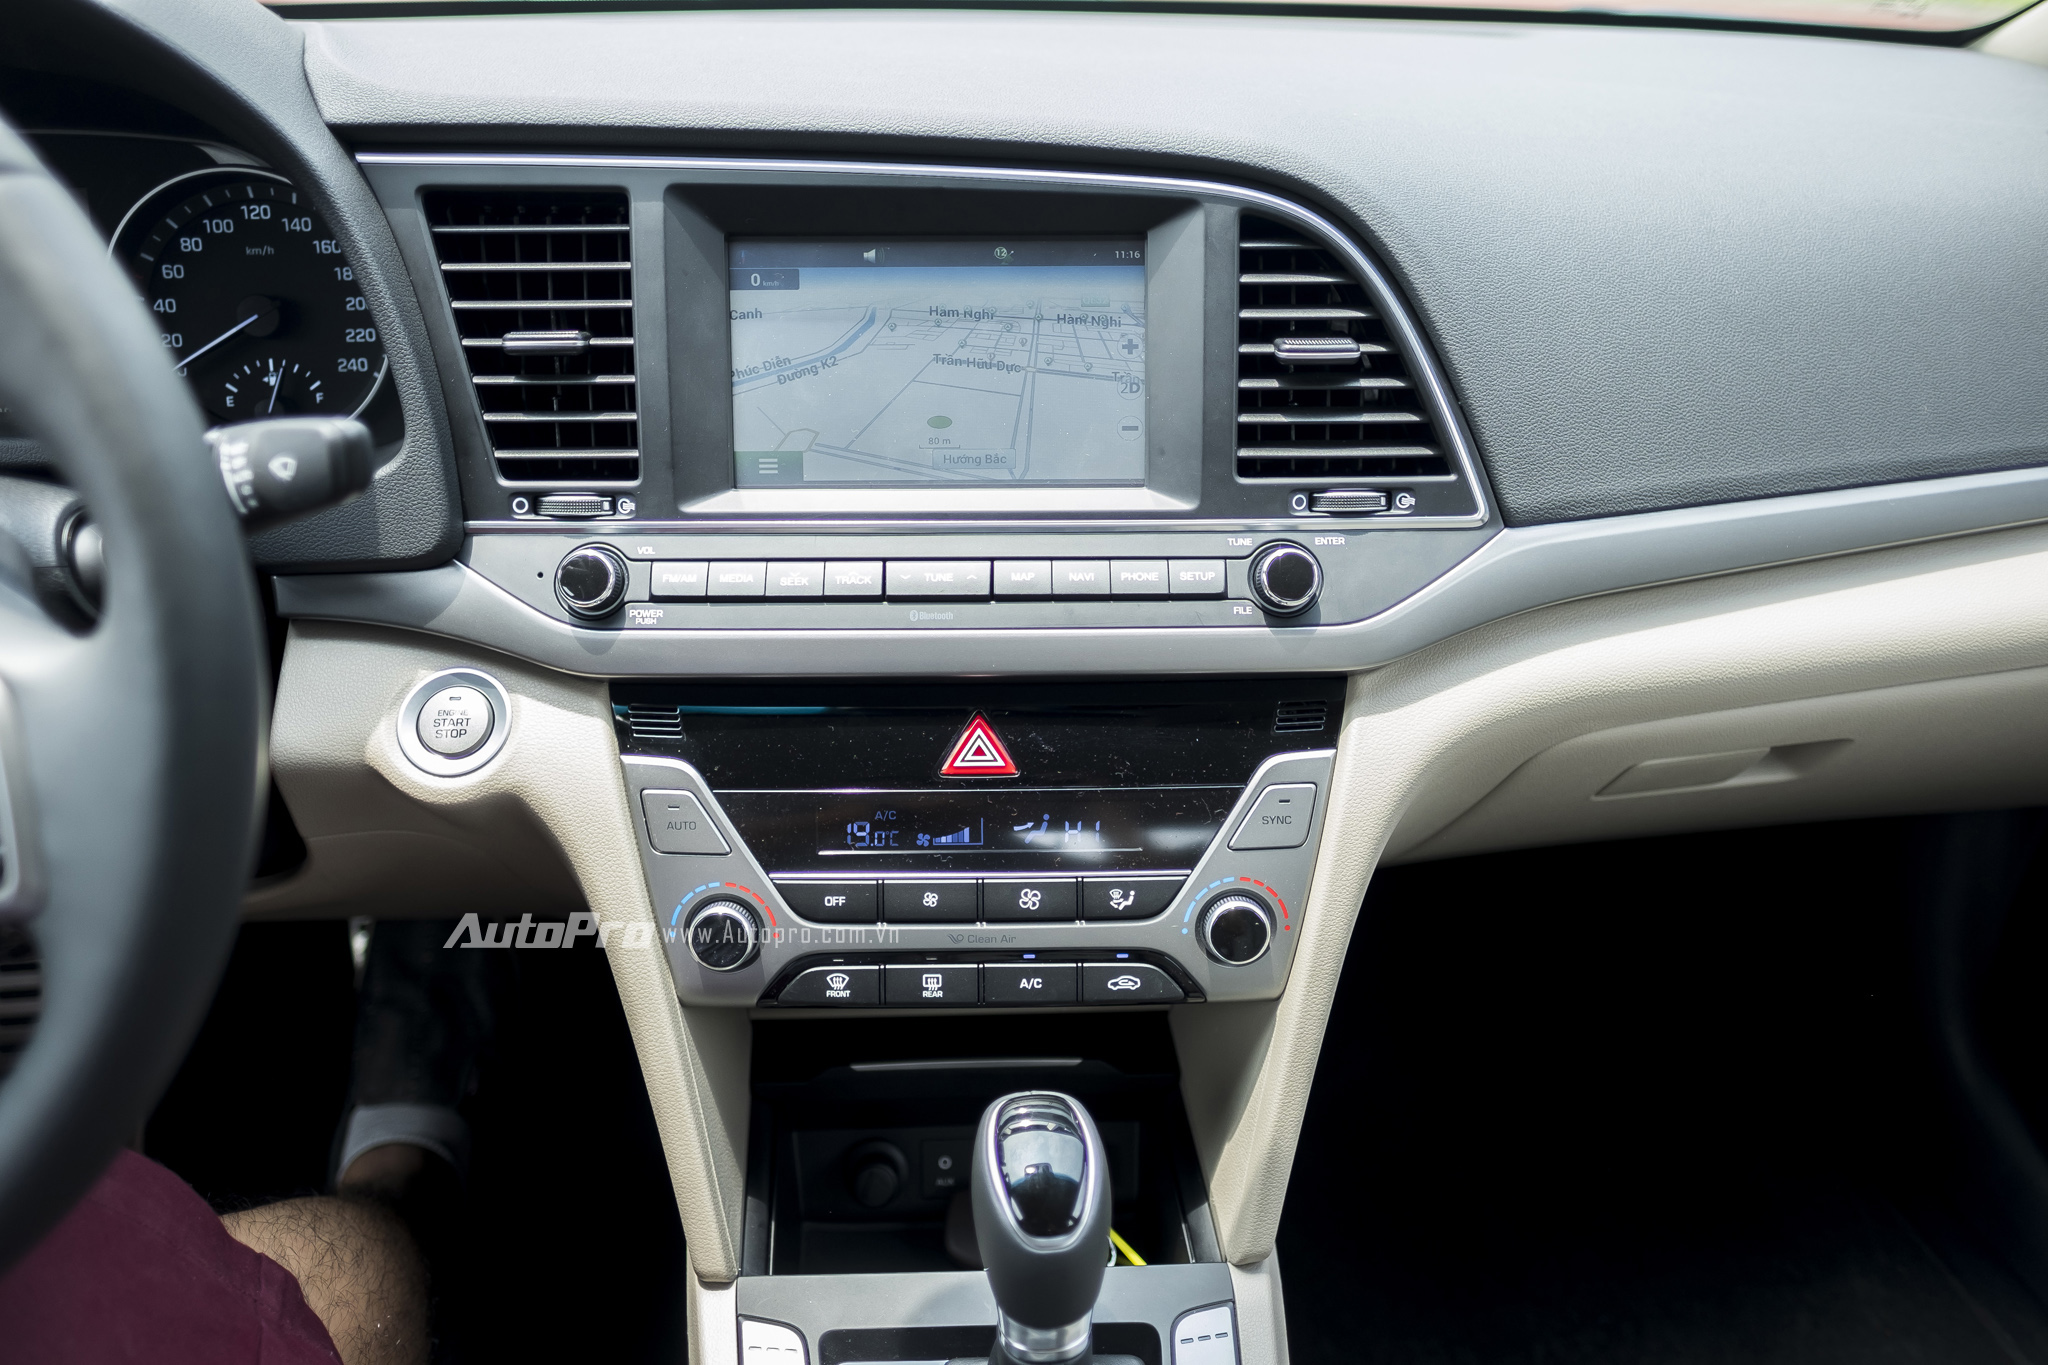 Xe được trang bị màn hình 7 inch cảm ứng tích hợp camera lùi cùng bản đồ dẫn đường chính hãng dành riêng cho thị trường Việt Nam.